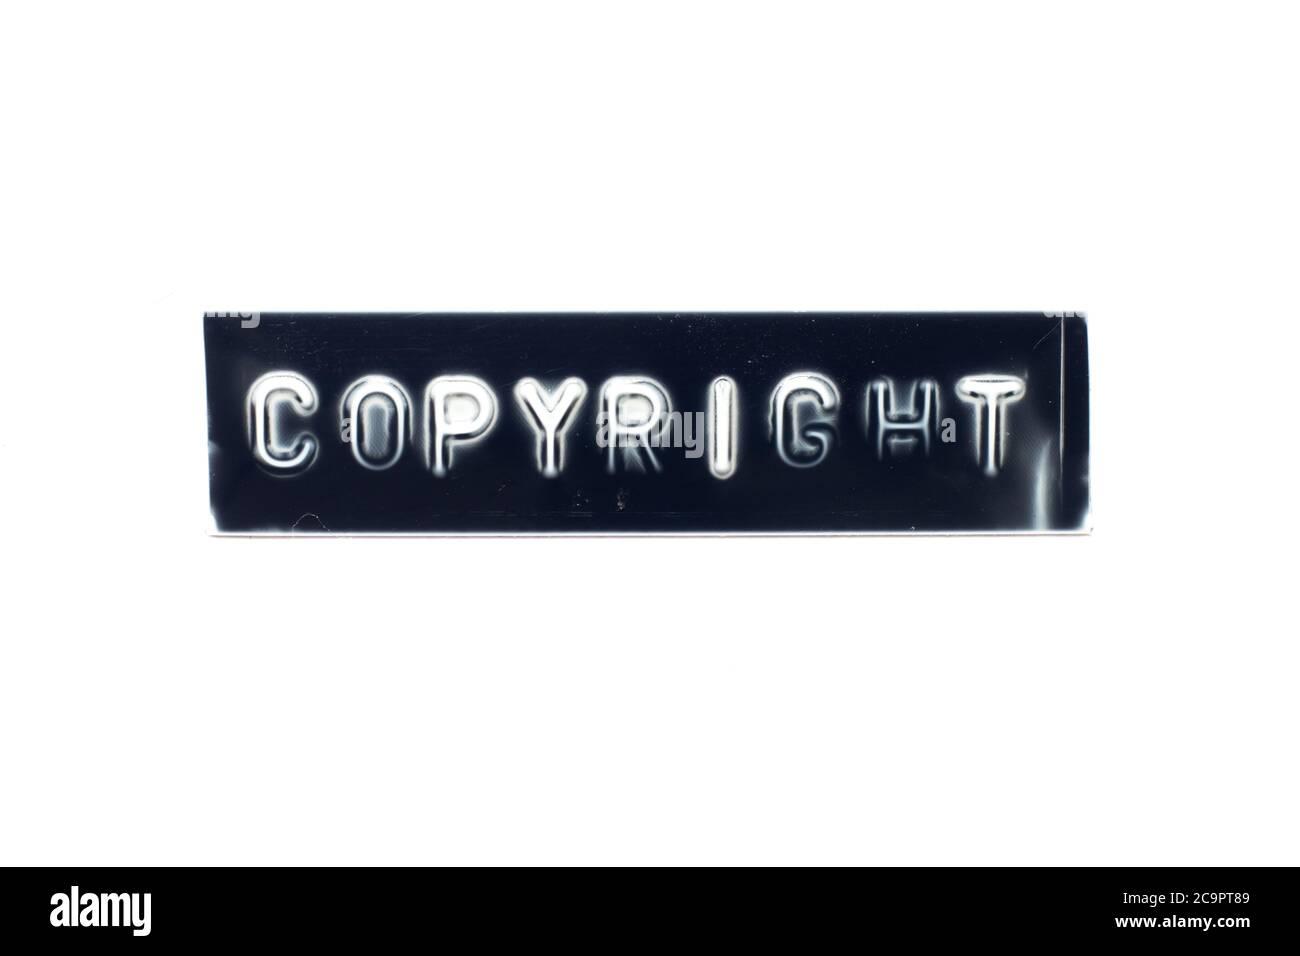 Lettre en relief dans le mot copyright sur une bannière noire avec fond blanc Banque D'Images